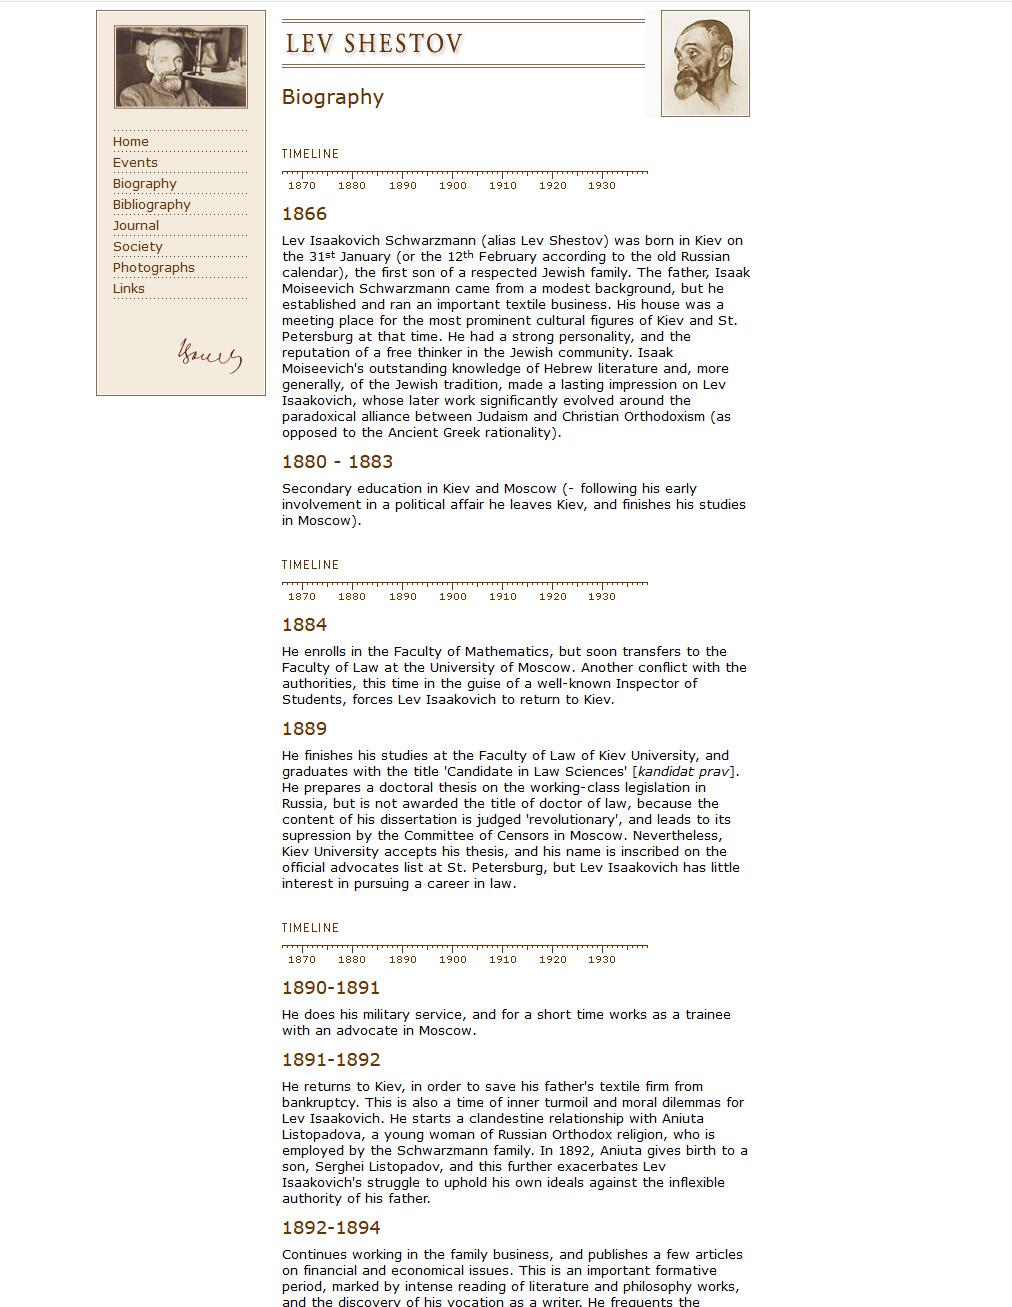 Biography of Lev Shestov displayed on a timeline